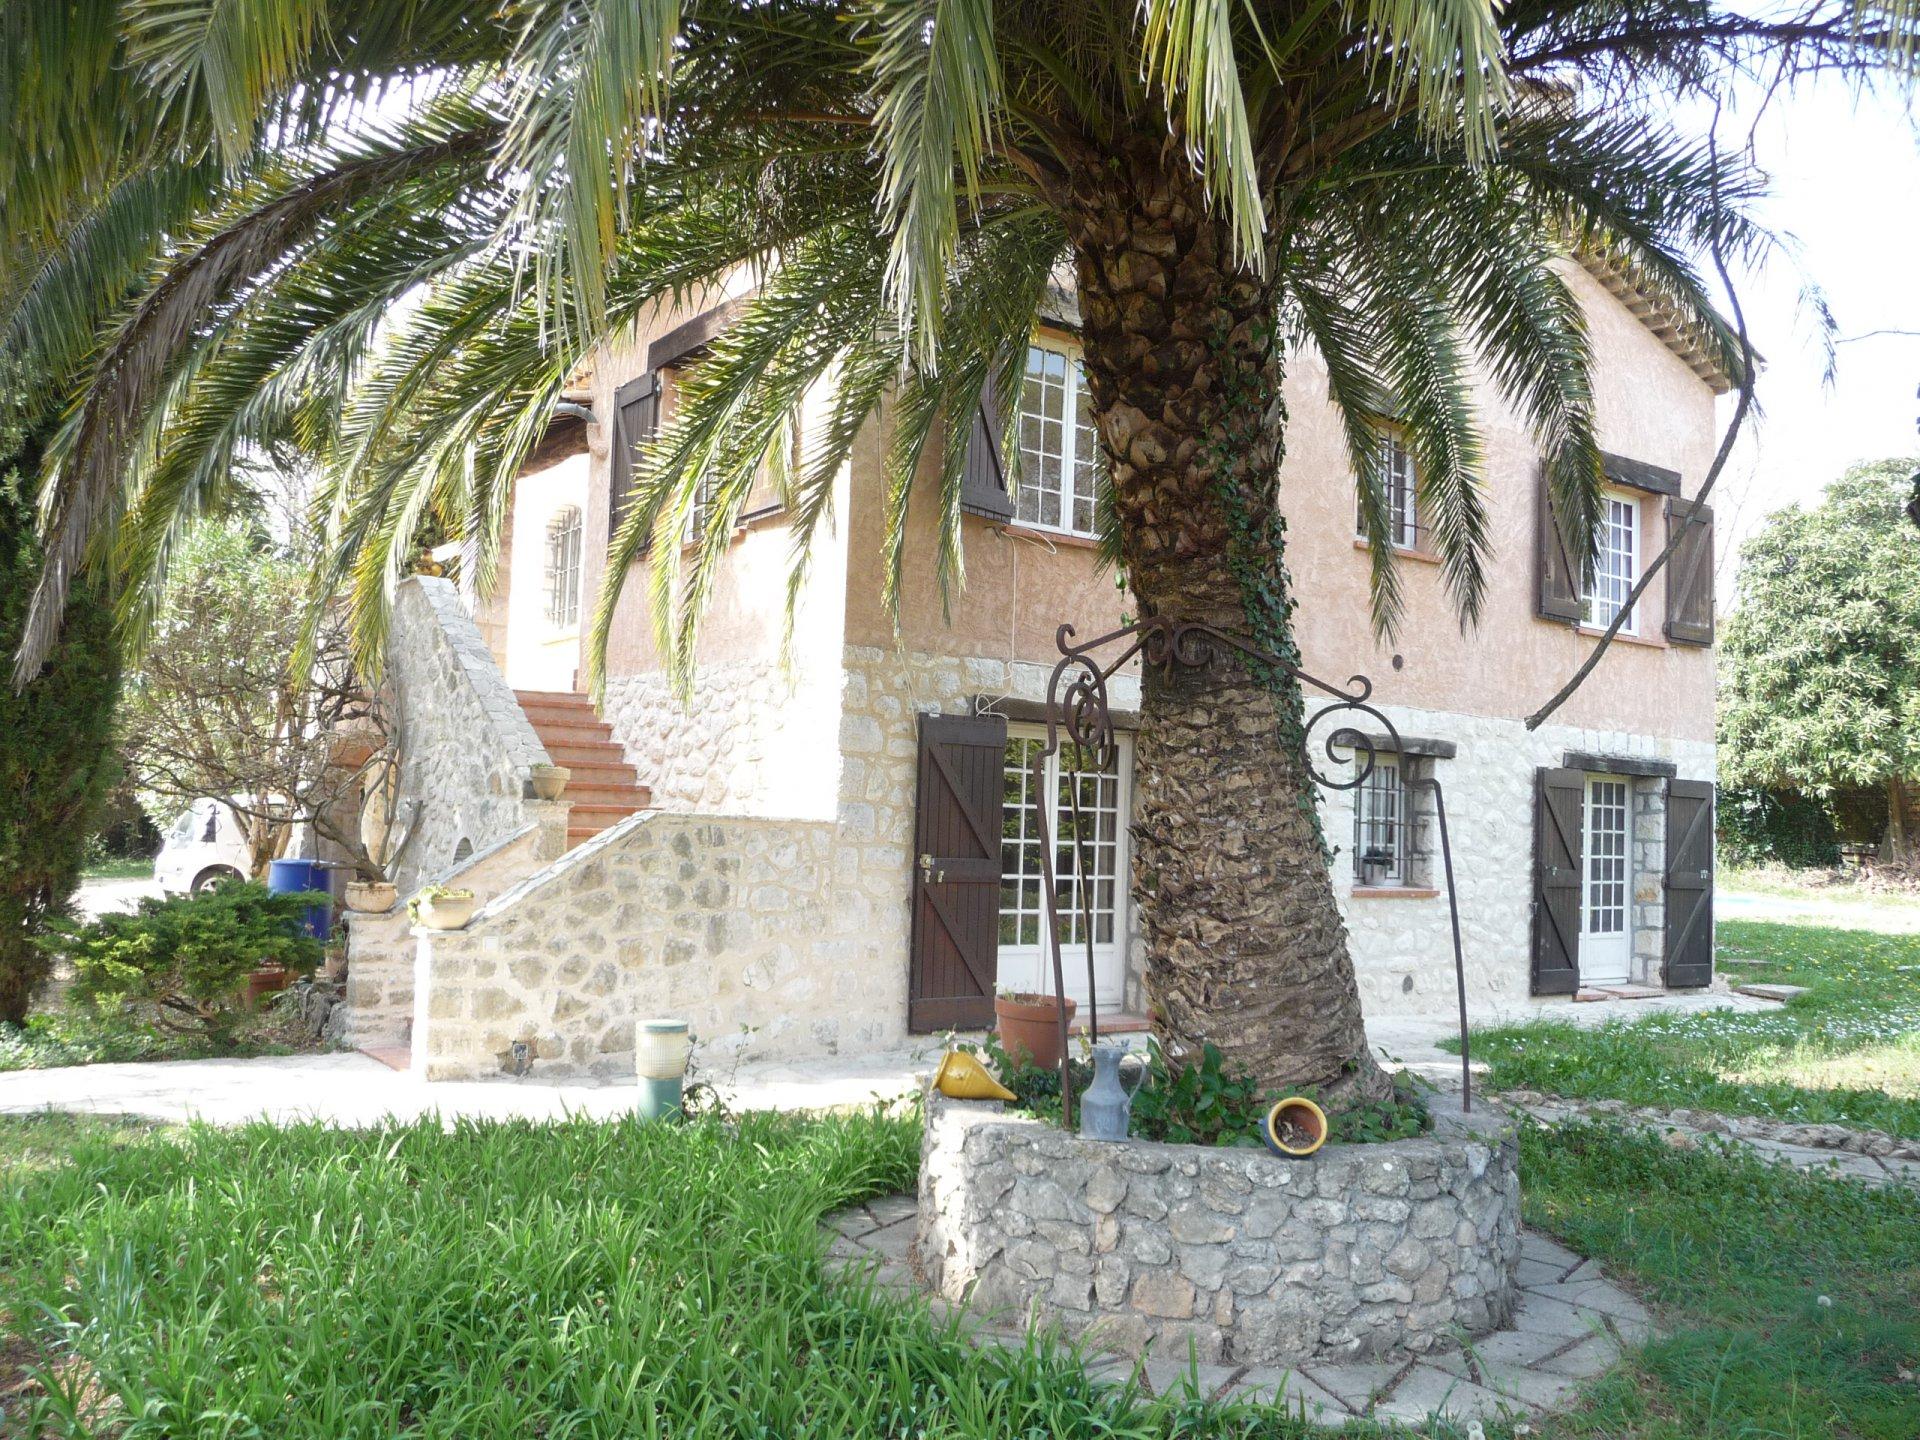 Saint-Paul de Vence, close to the village